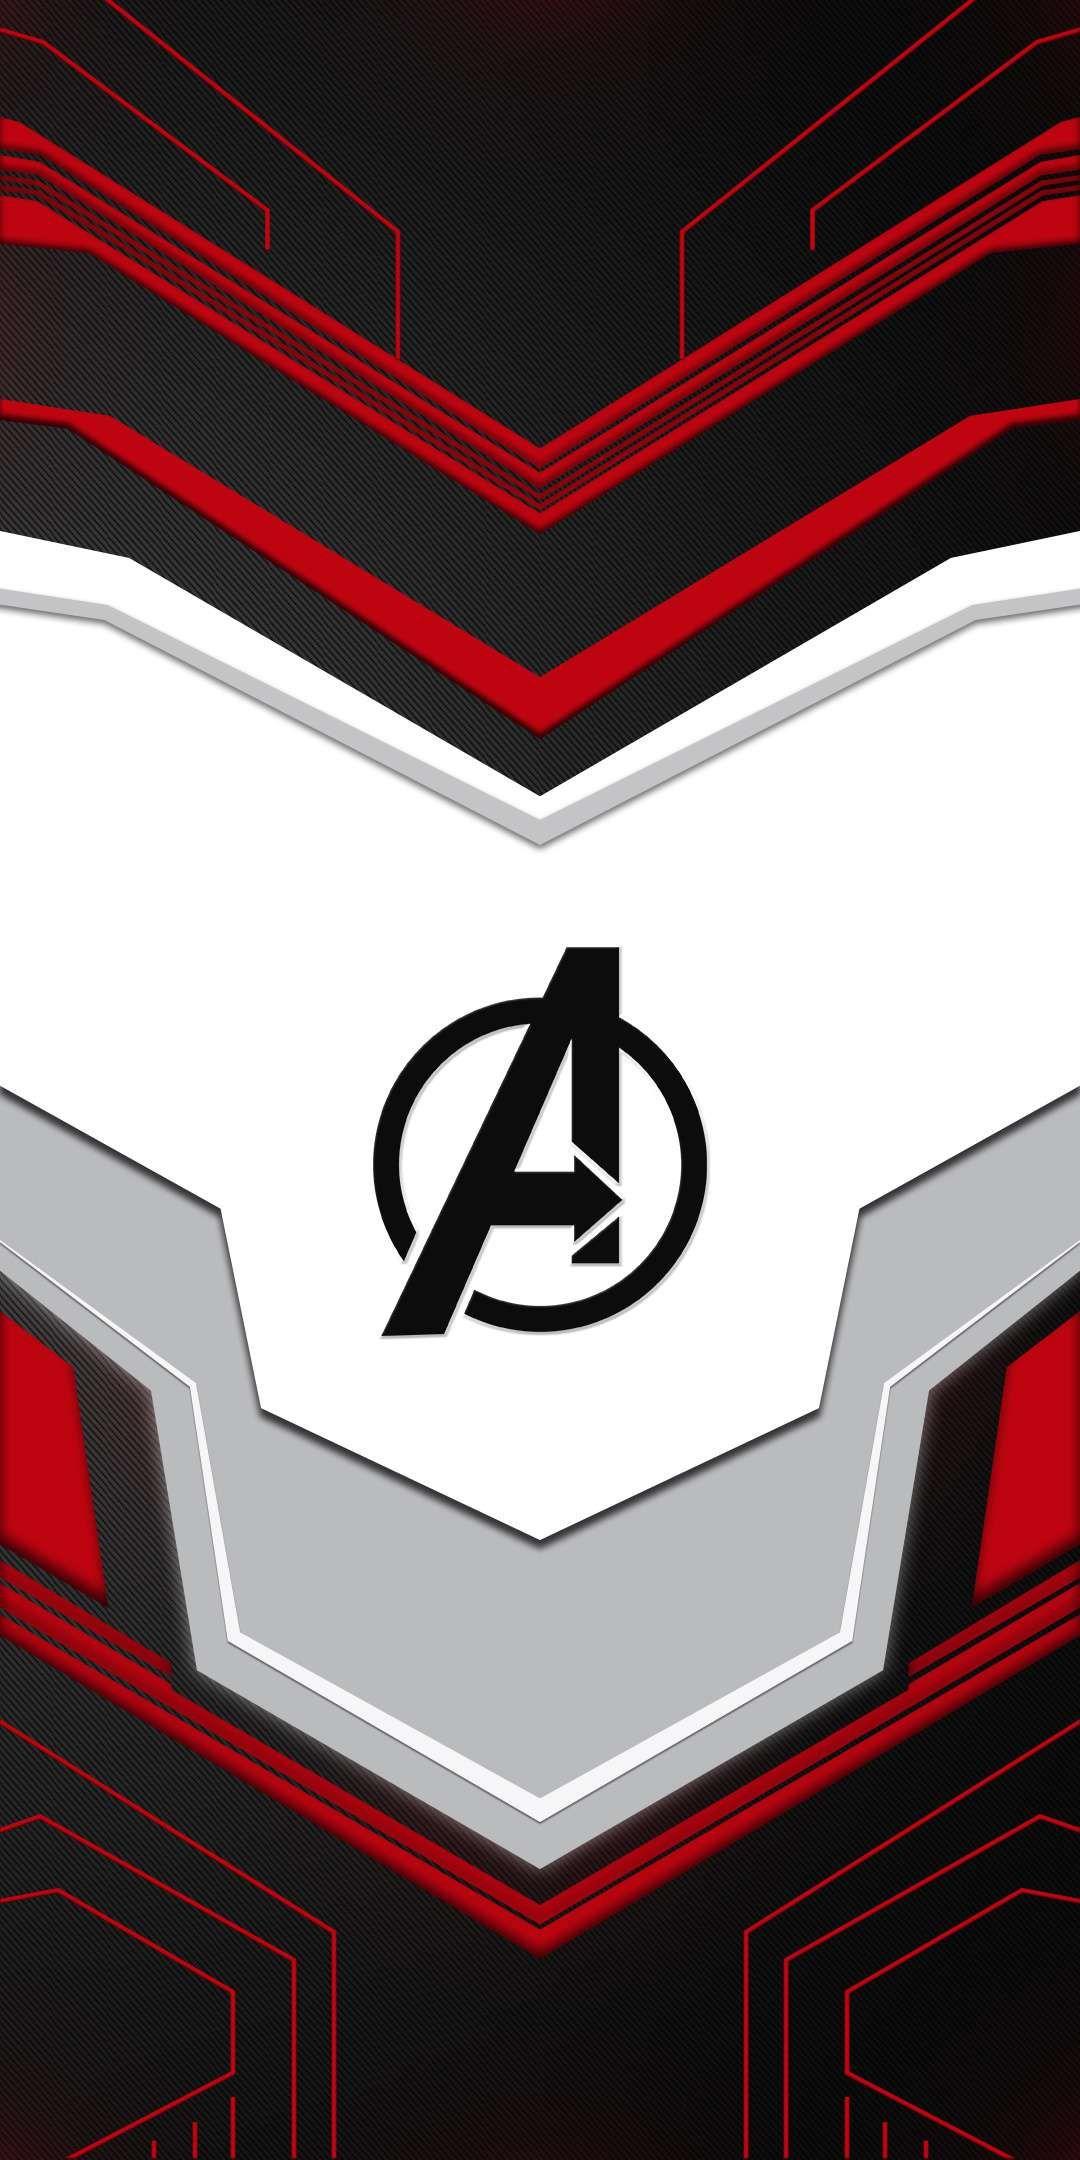 Avengers Endgame Theme Iphone Wallpaper Marvel Iphone Wallpaper Marvel Comics Wallpaper Marvel Wallpaper Hd